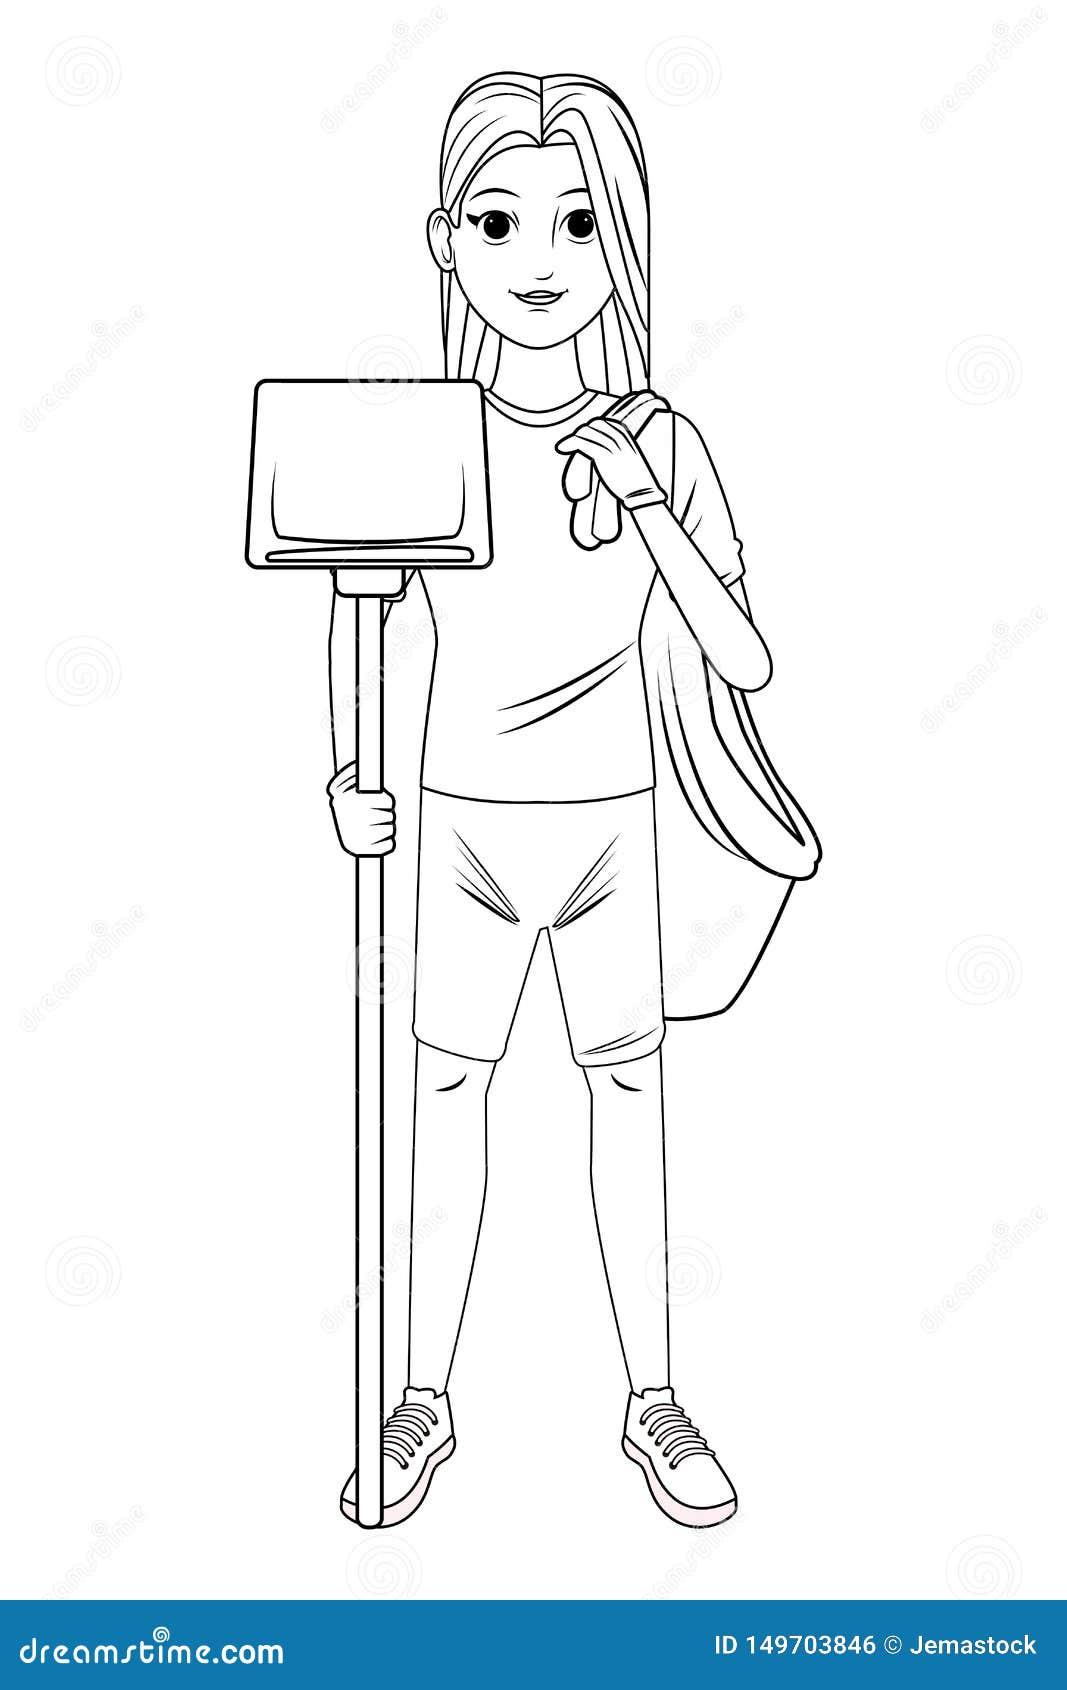 Personnage De Dessin Animé De Nettoyage Davatar De Personne